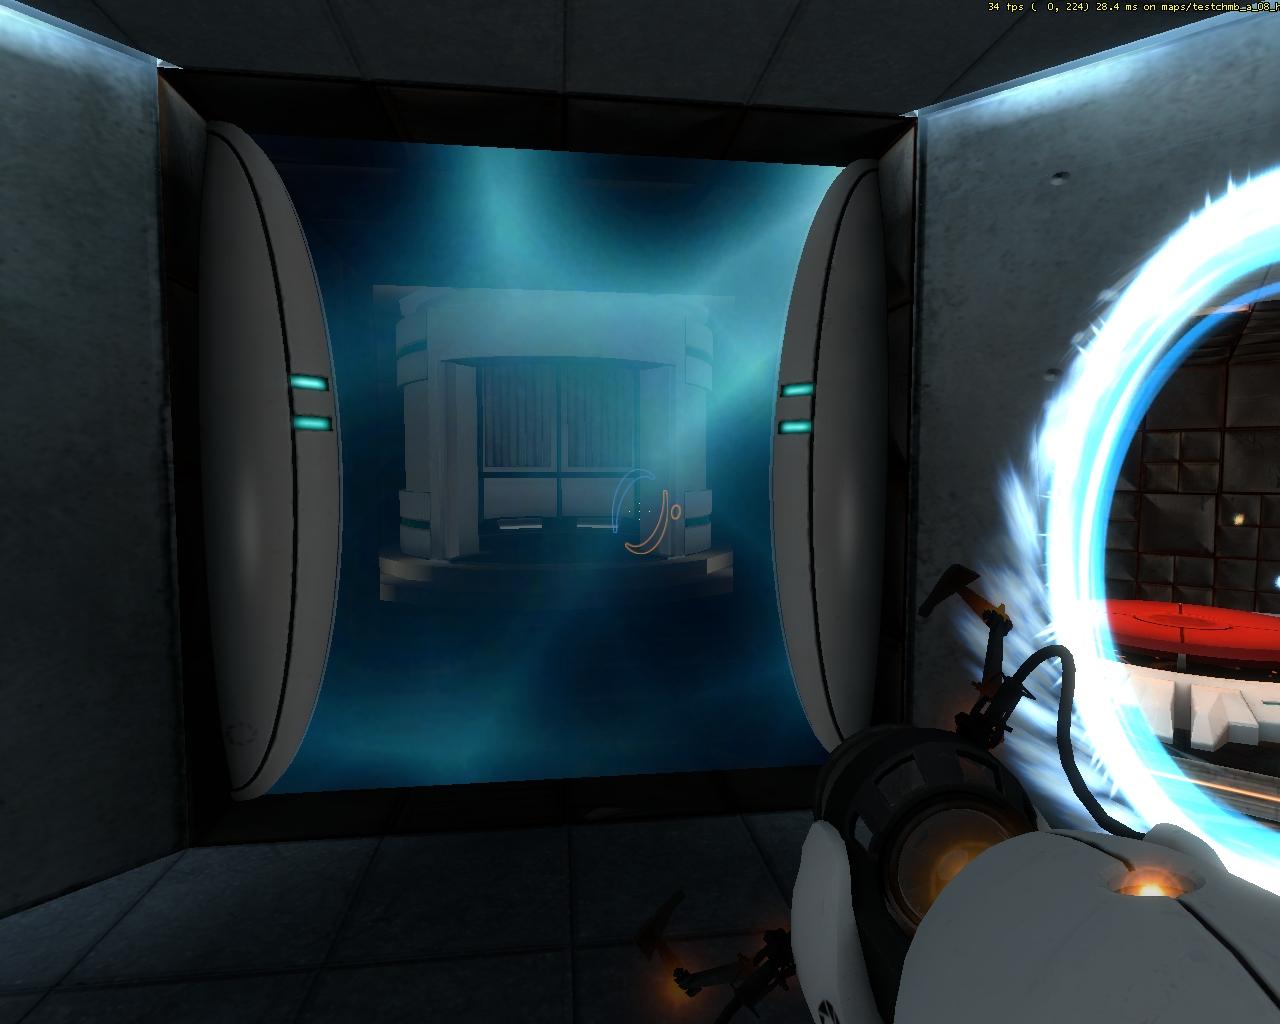 testchmb_a_08_hard0000.jpg - Portal Portal 2006, Portal Beta, testchmb_a_08_hard